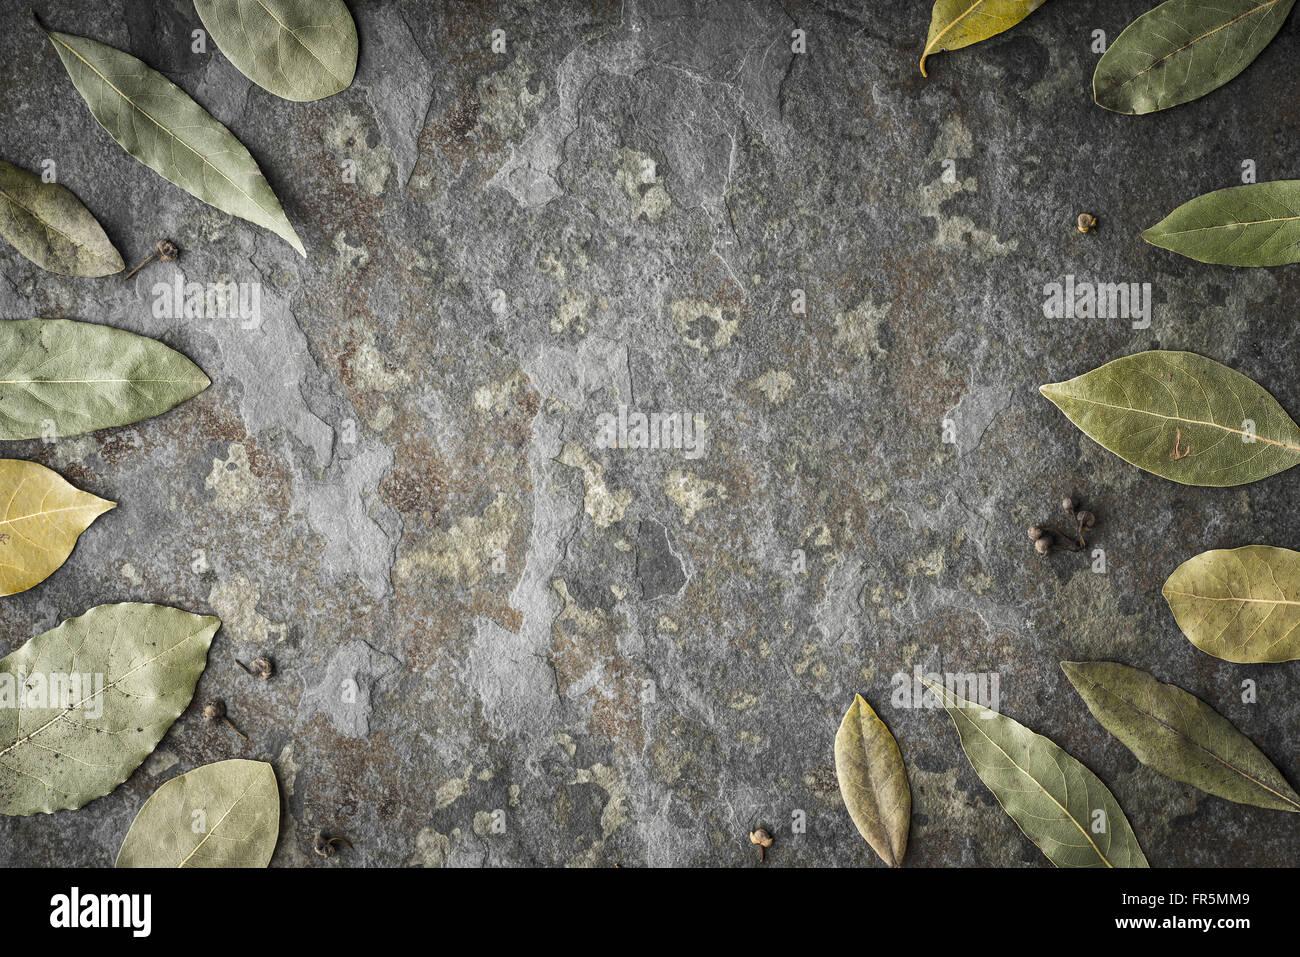 Blätter des Baumes Laurel auf den steinernen Tisch horizontal Stockbild